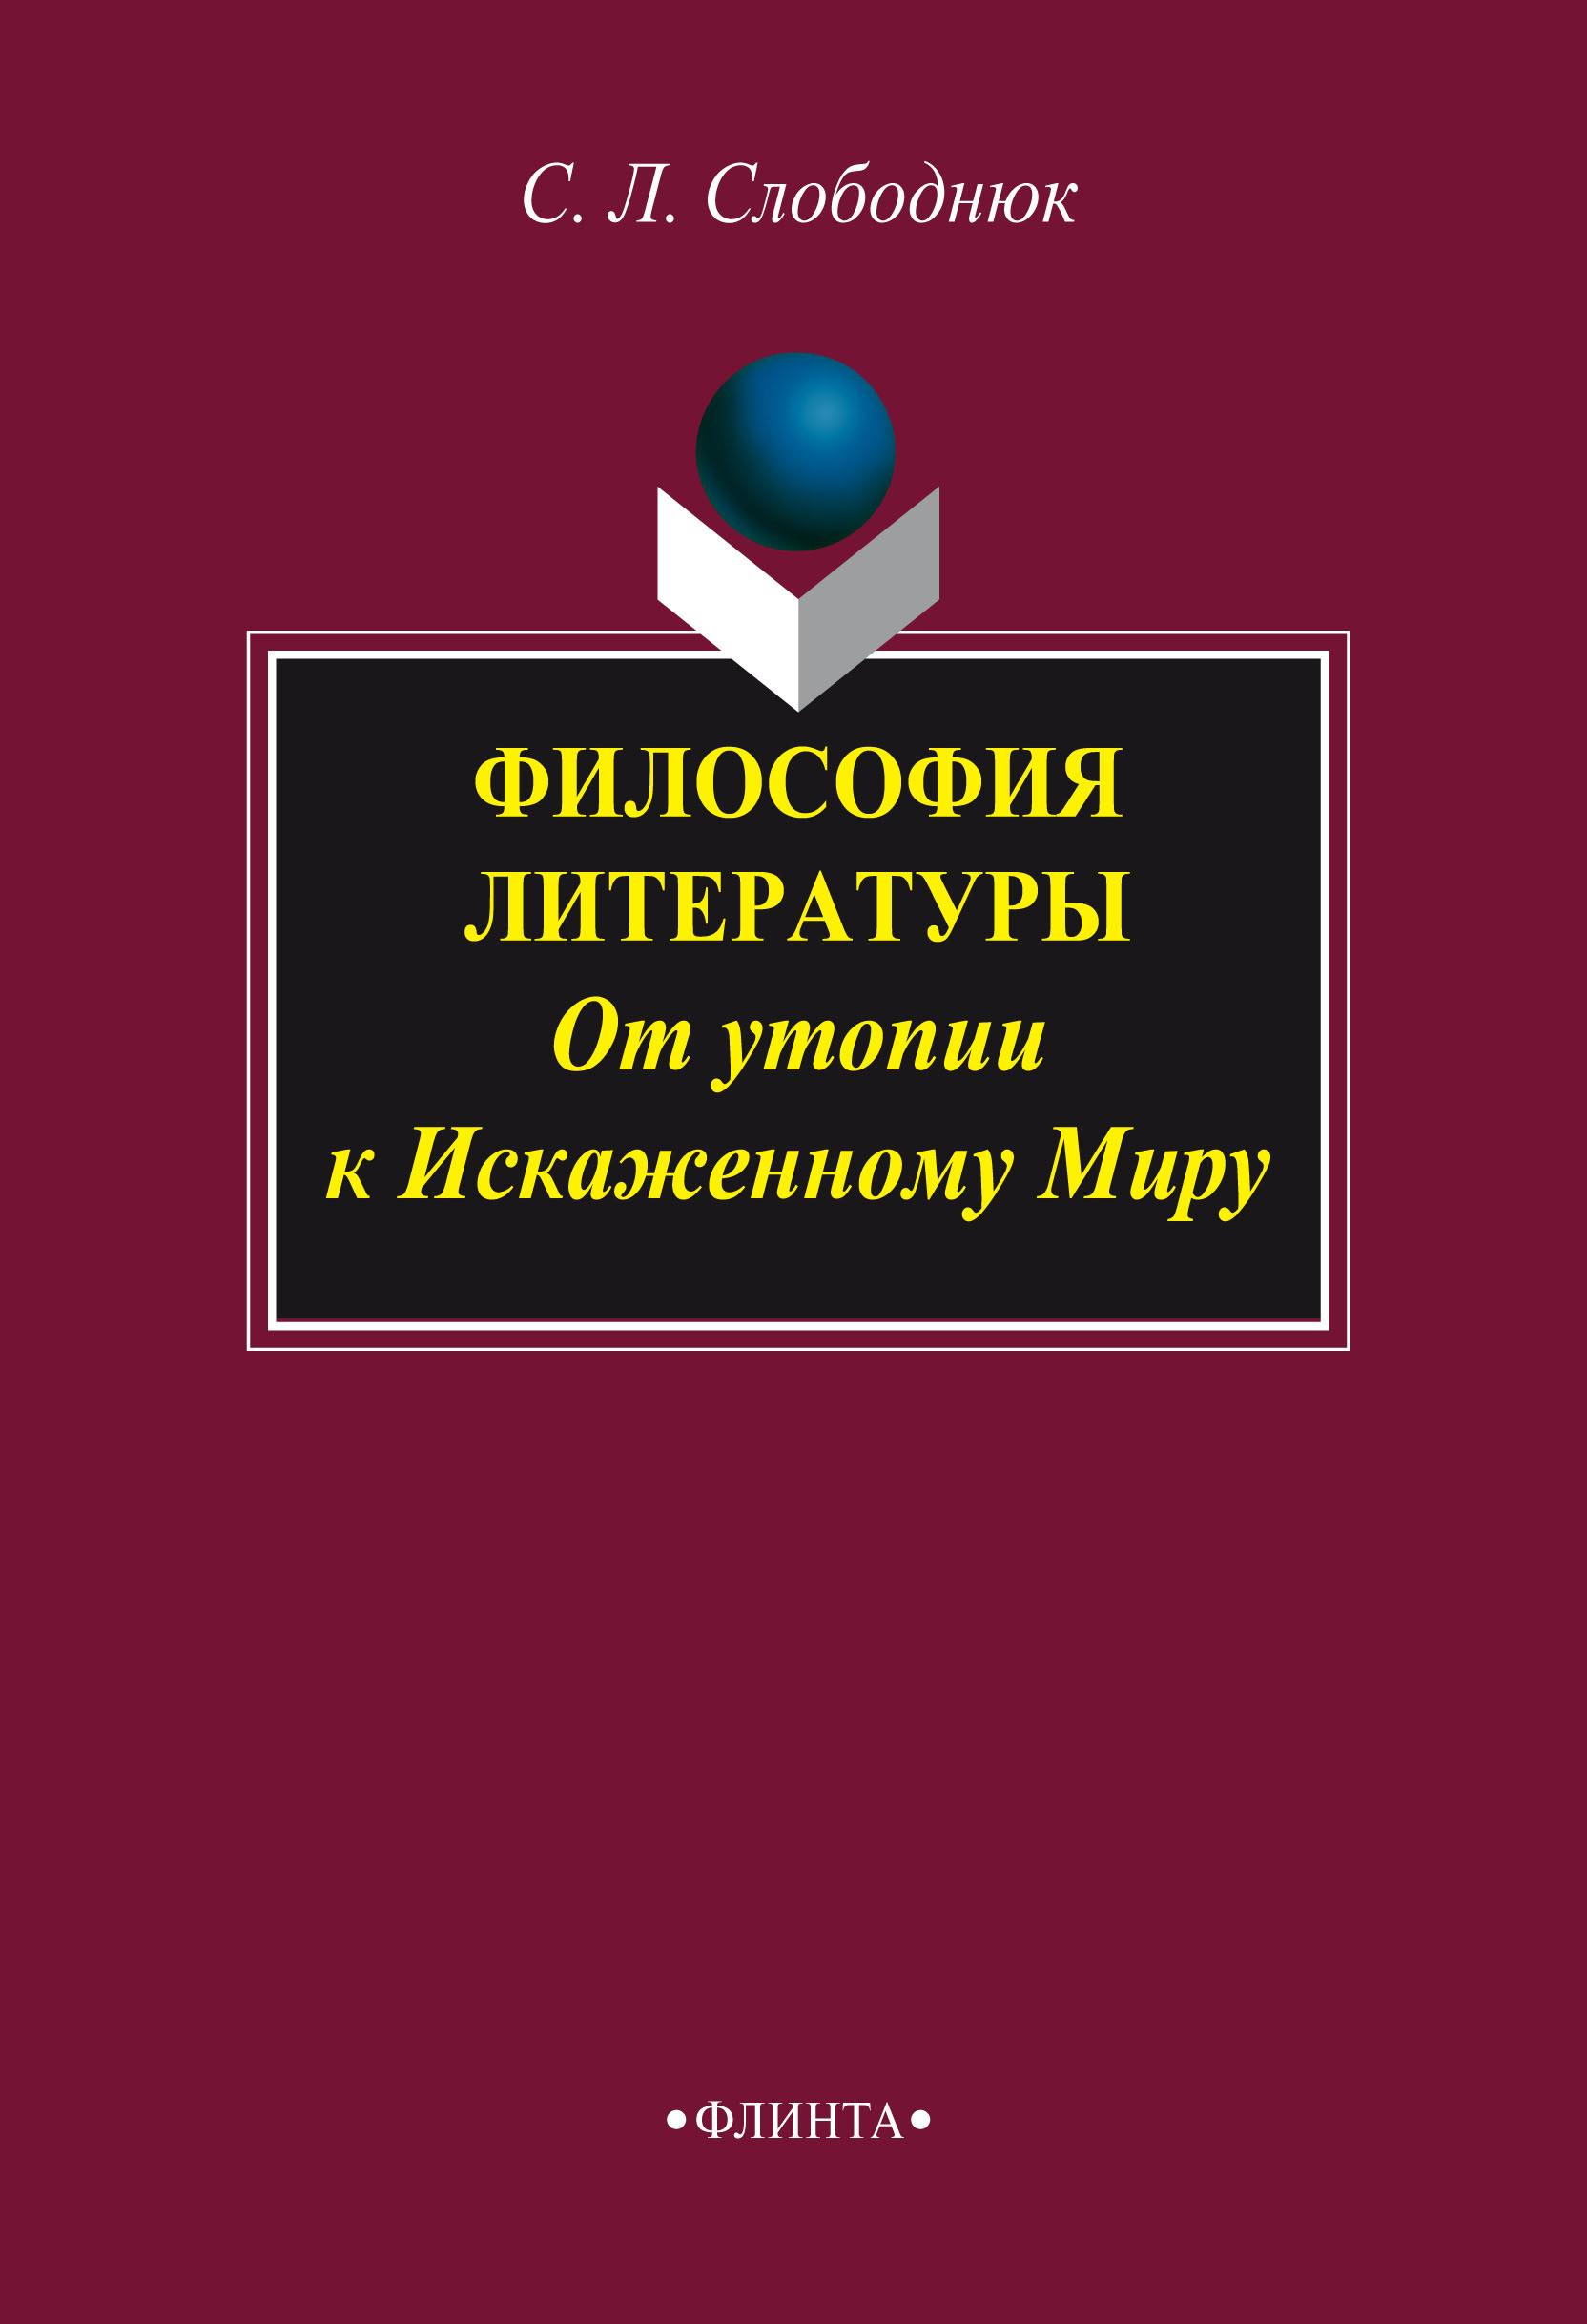 С. Л. Слободнюк Философия литературы: от утопии к Искаженному Миру т ю сидорина государство всеобщего благосостояния от утопии к кризису